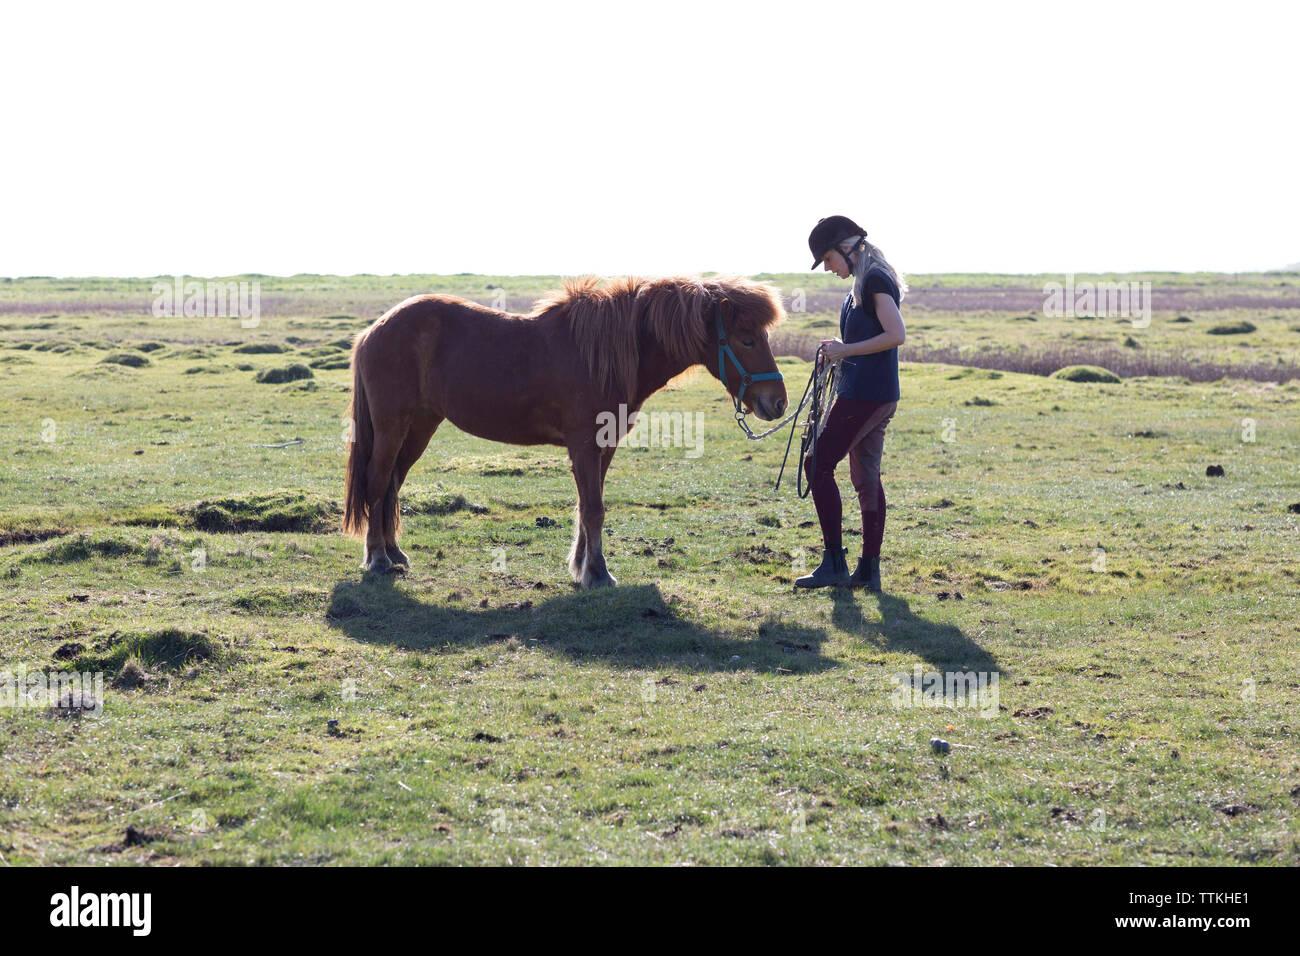 Mujer sosteniendo cuerdas mientras está de pie por caballo en campo de hierba contra el cielo despejado durante el día soleado Foto de stock